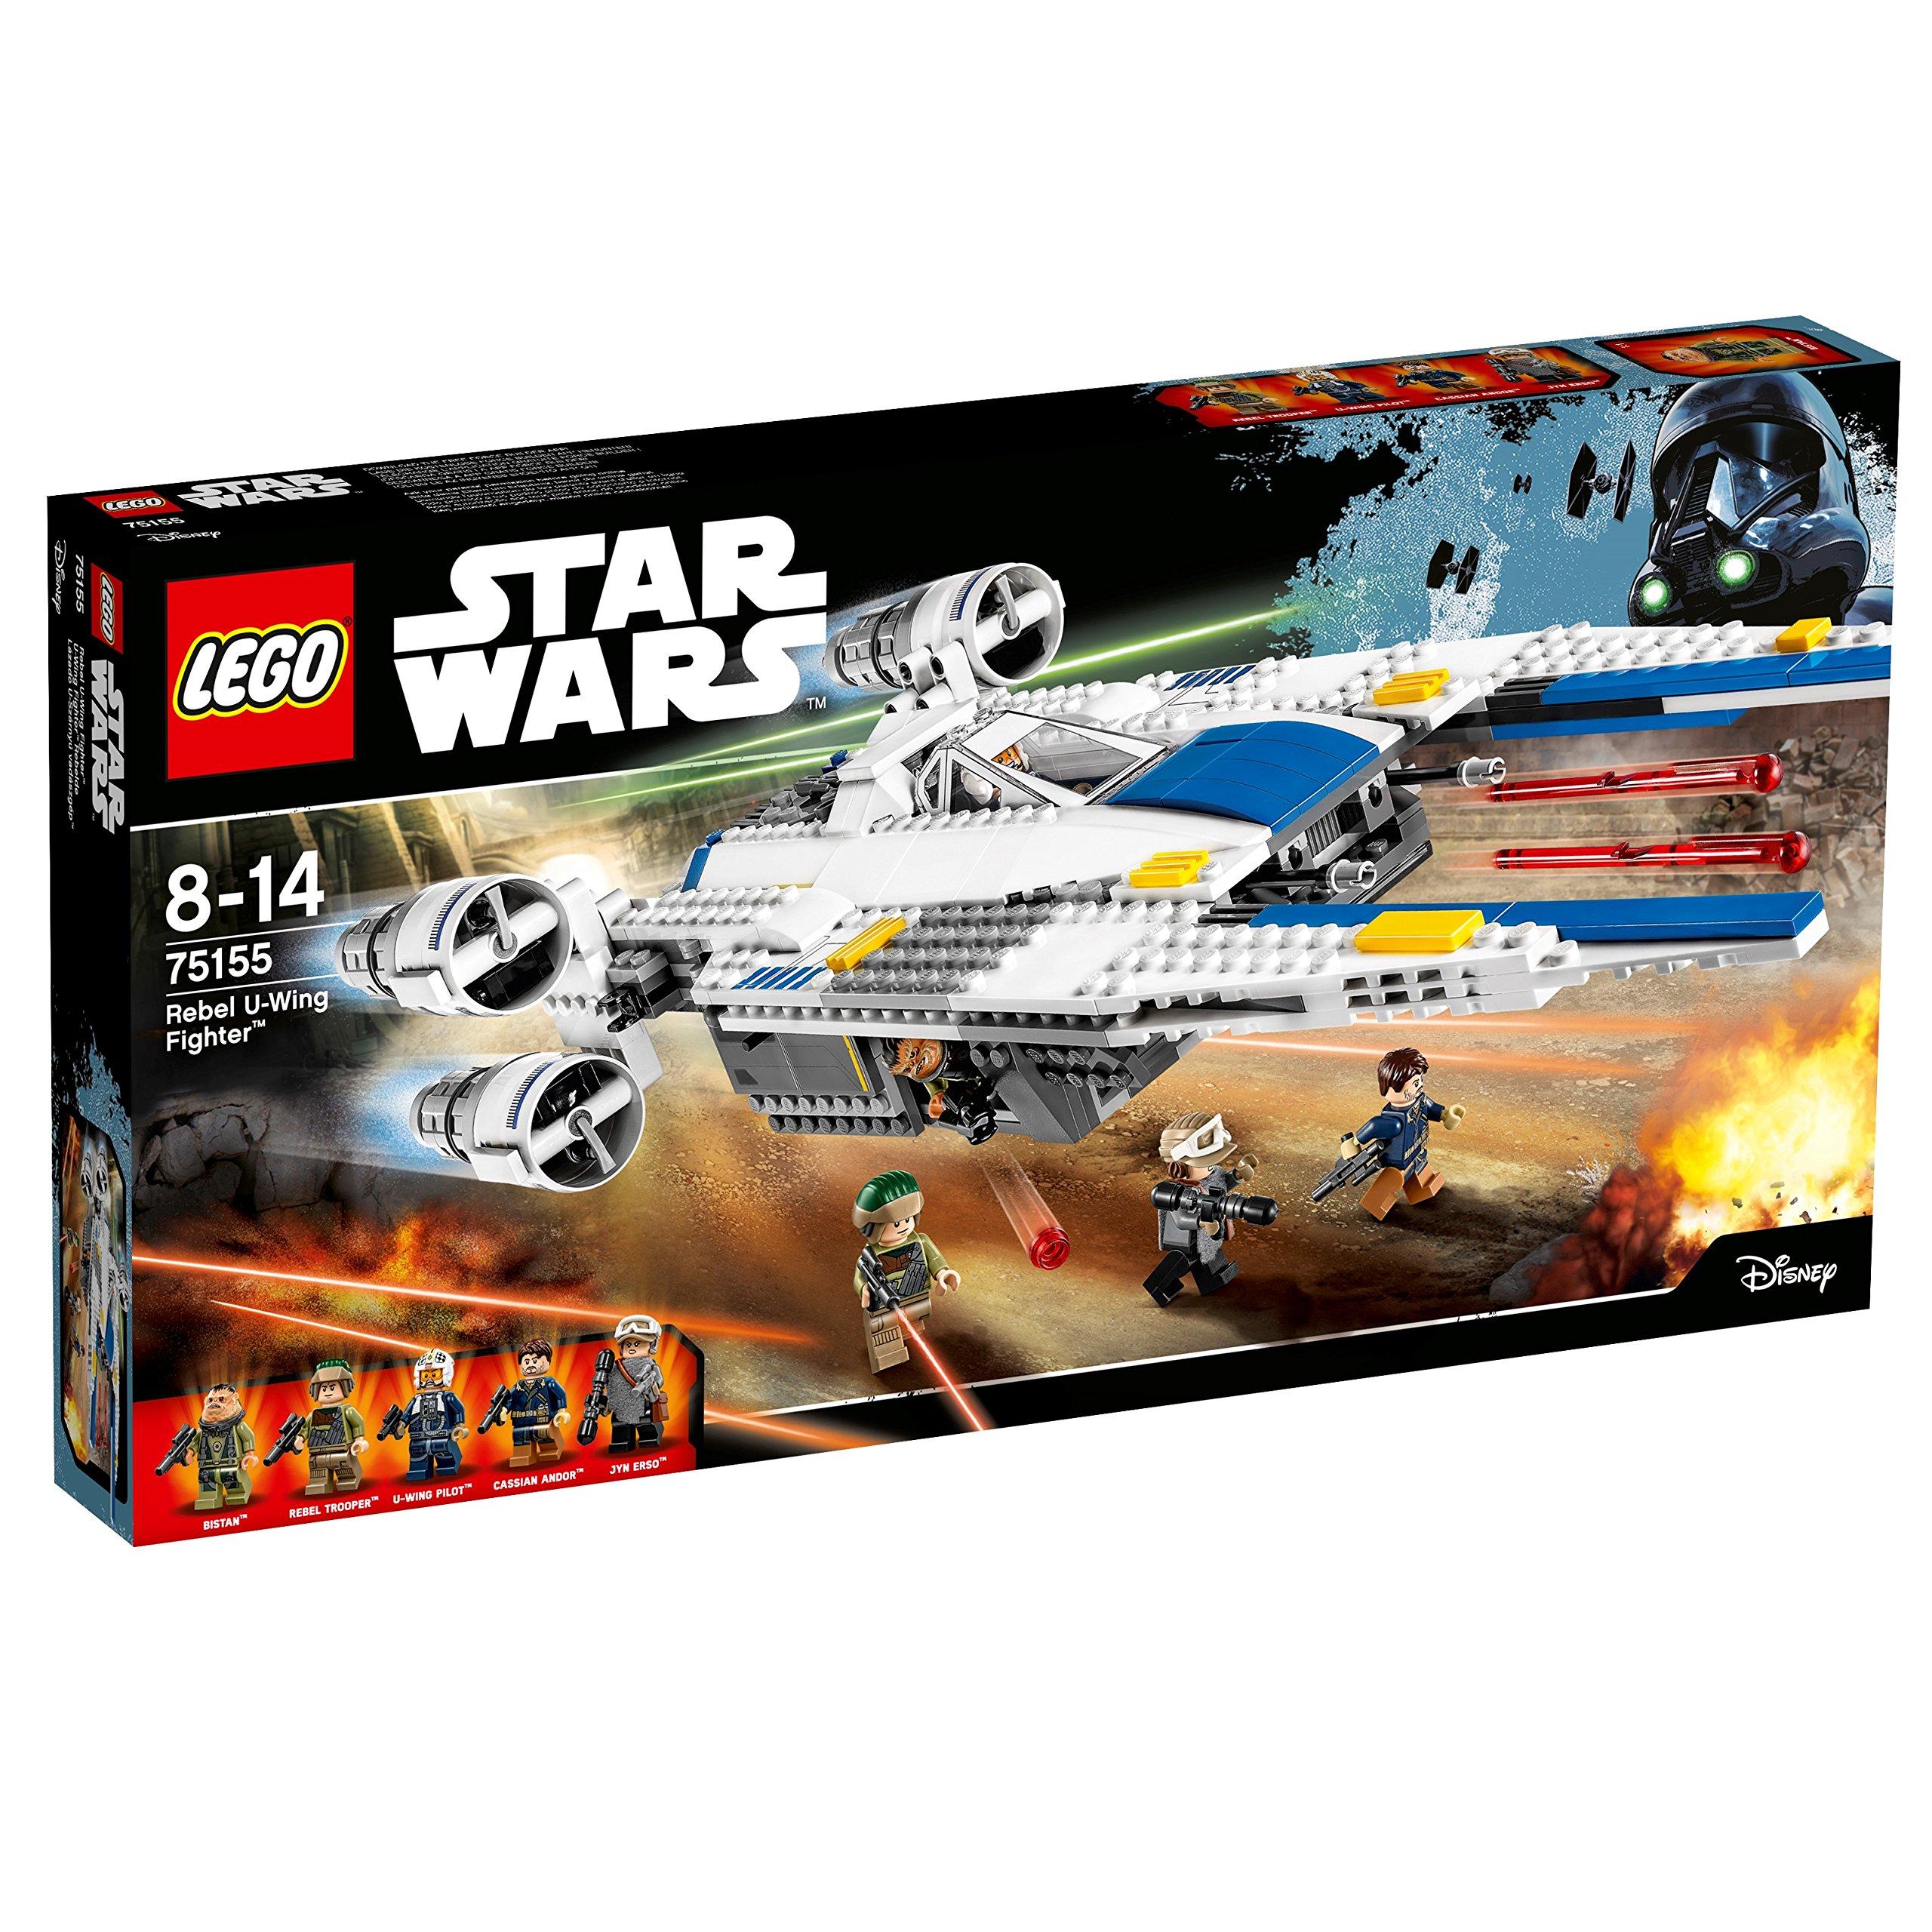 LEGO Star Wars – Figura Rebel U-Wing Fighter, Nave de Juguete para Construir Basado en la Saga de la Guerra de las Galaxias (75155)